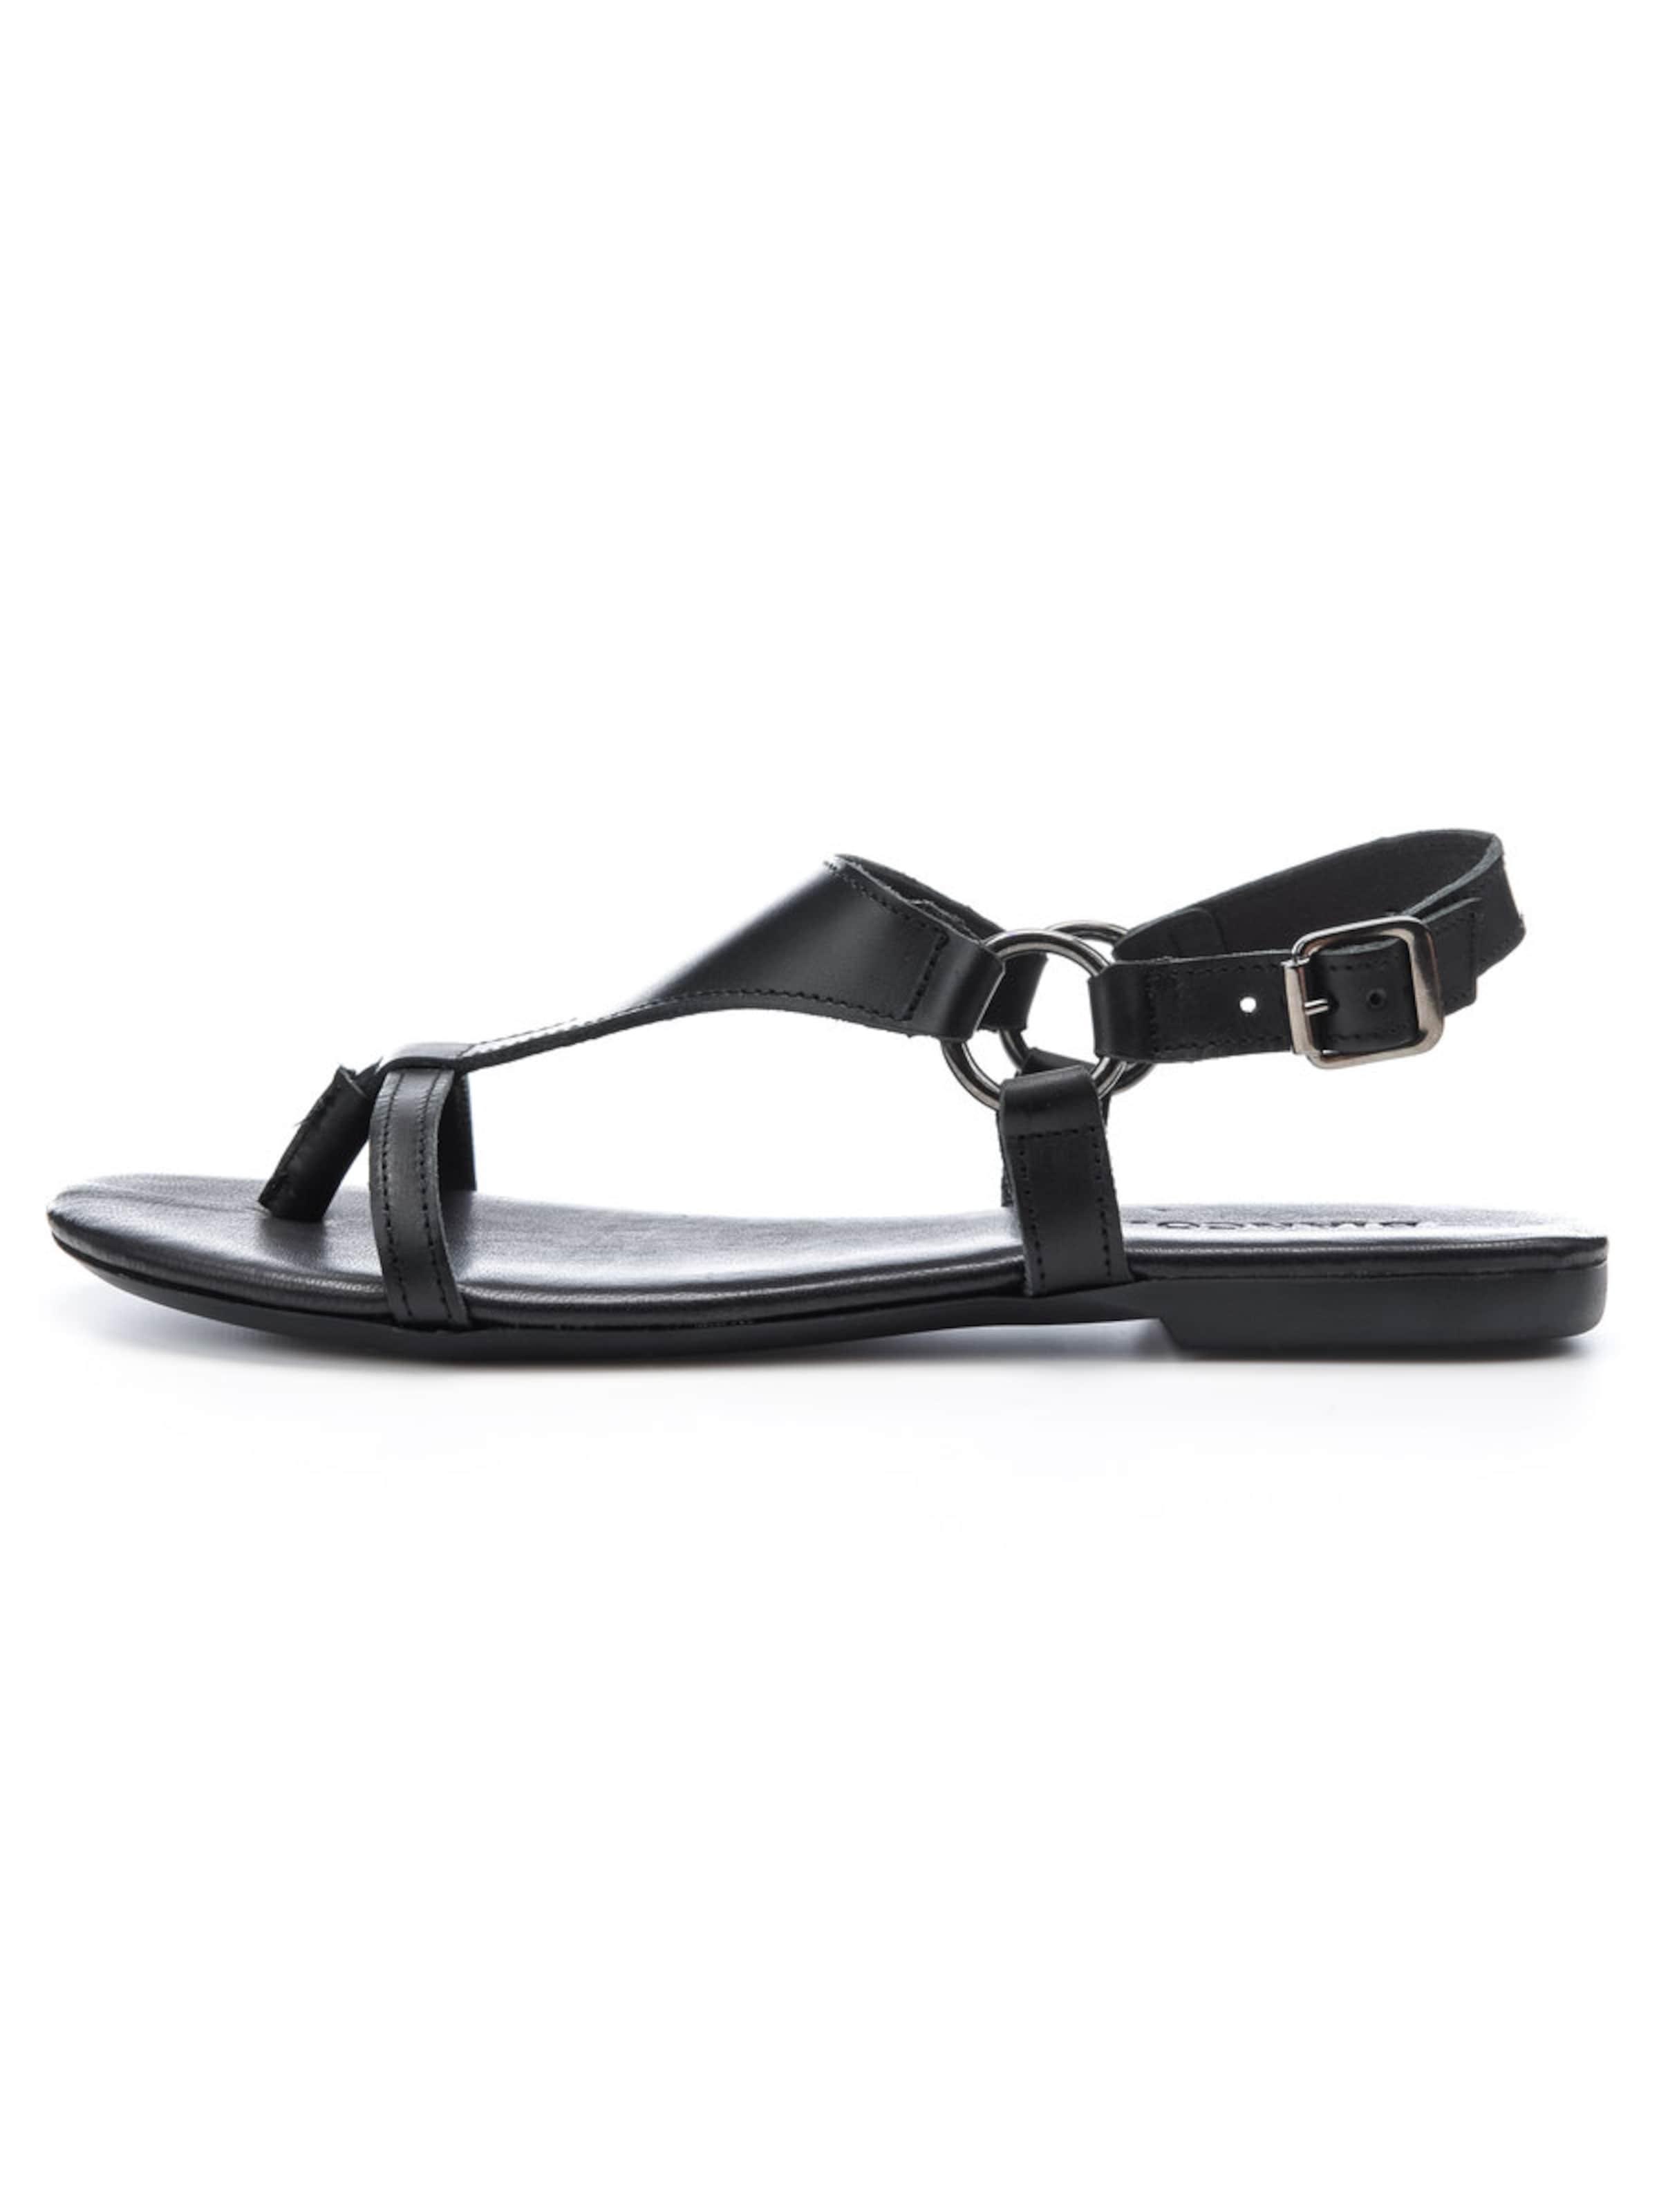 Billig Verkauf Viele Arten Von Günstiger Online Bianco Dreieck-Riemen-Sandalen Verkauf Niedrig Versandkosten J5TRJNU4